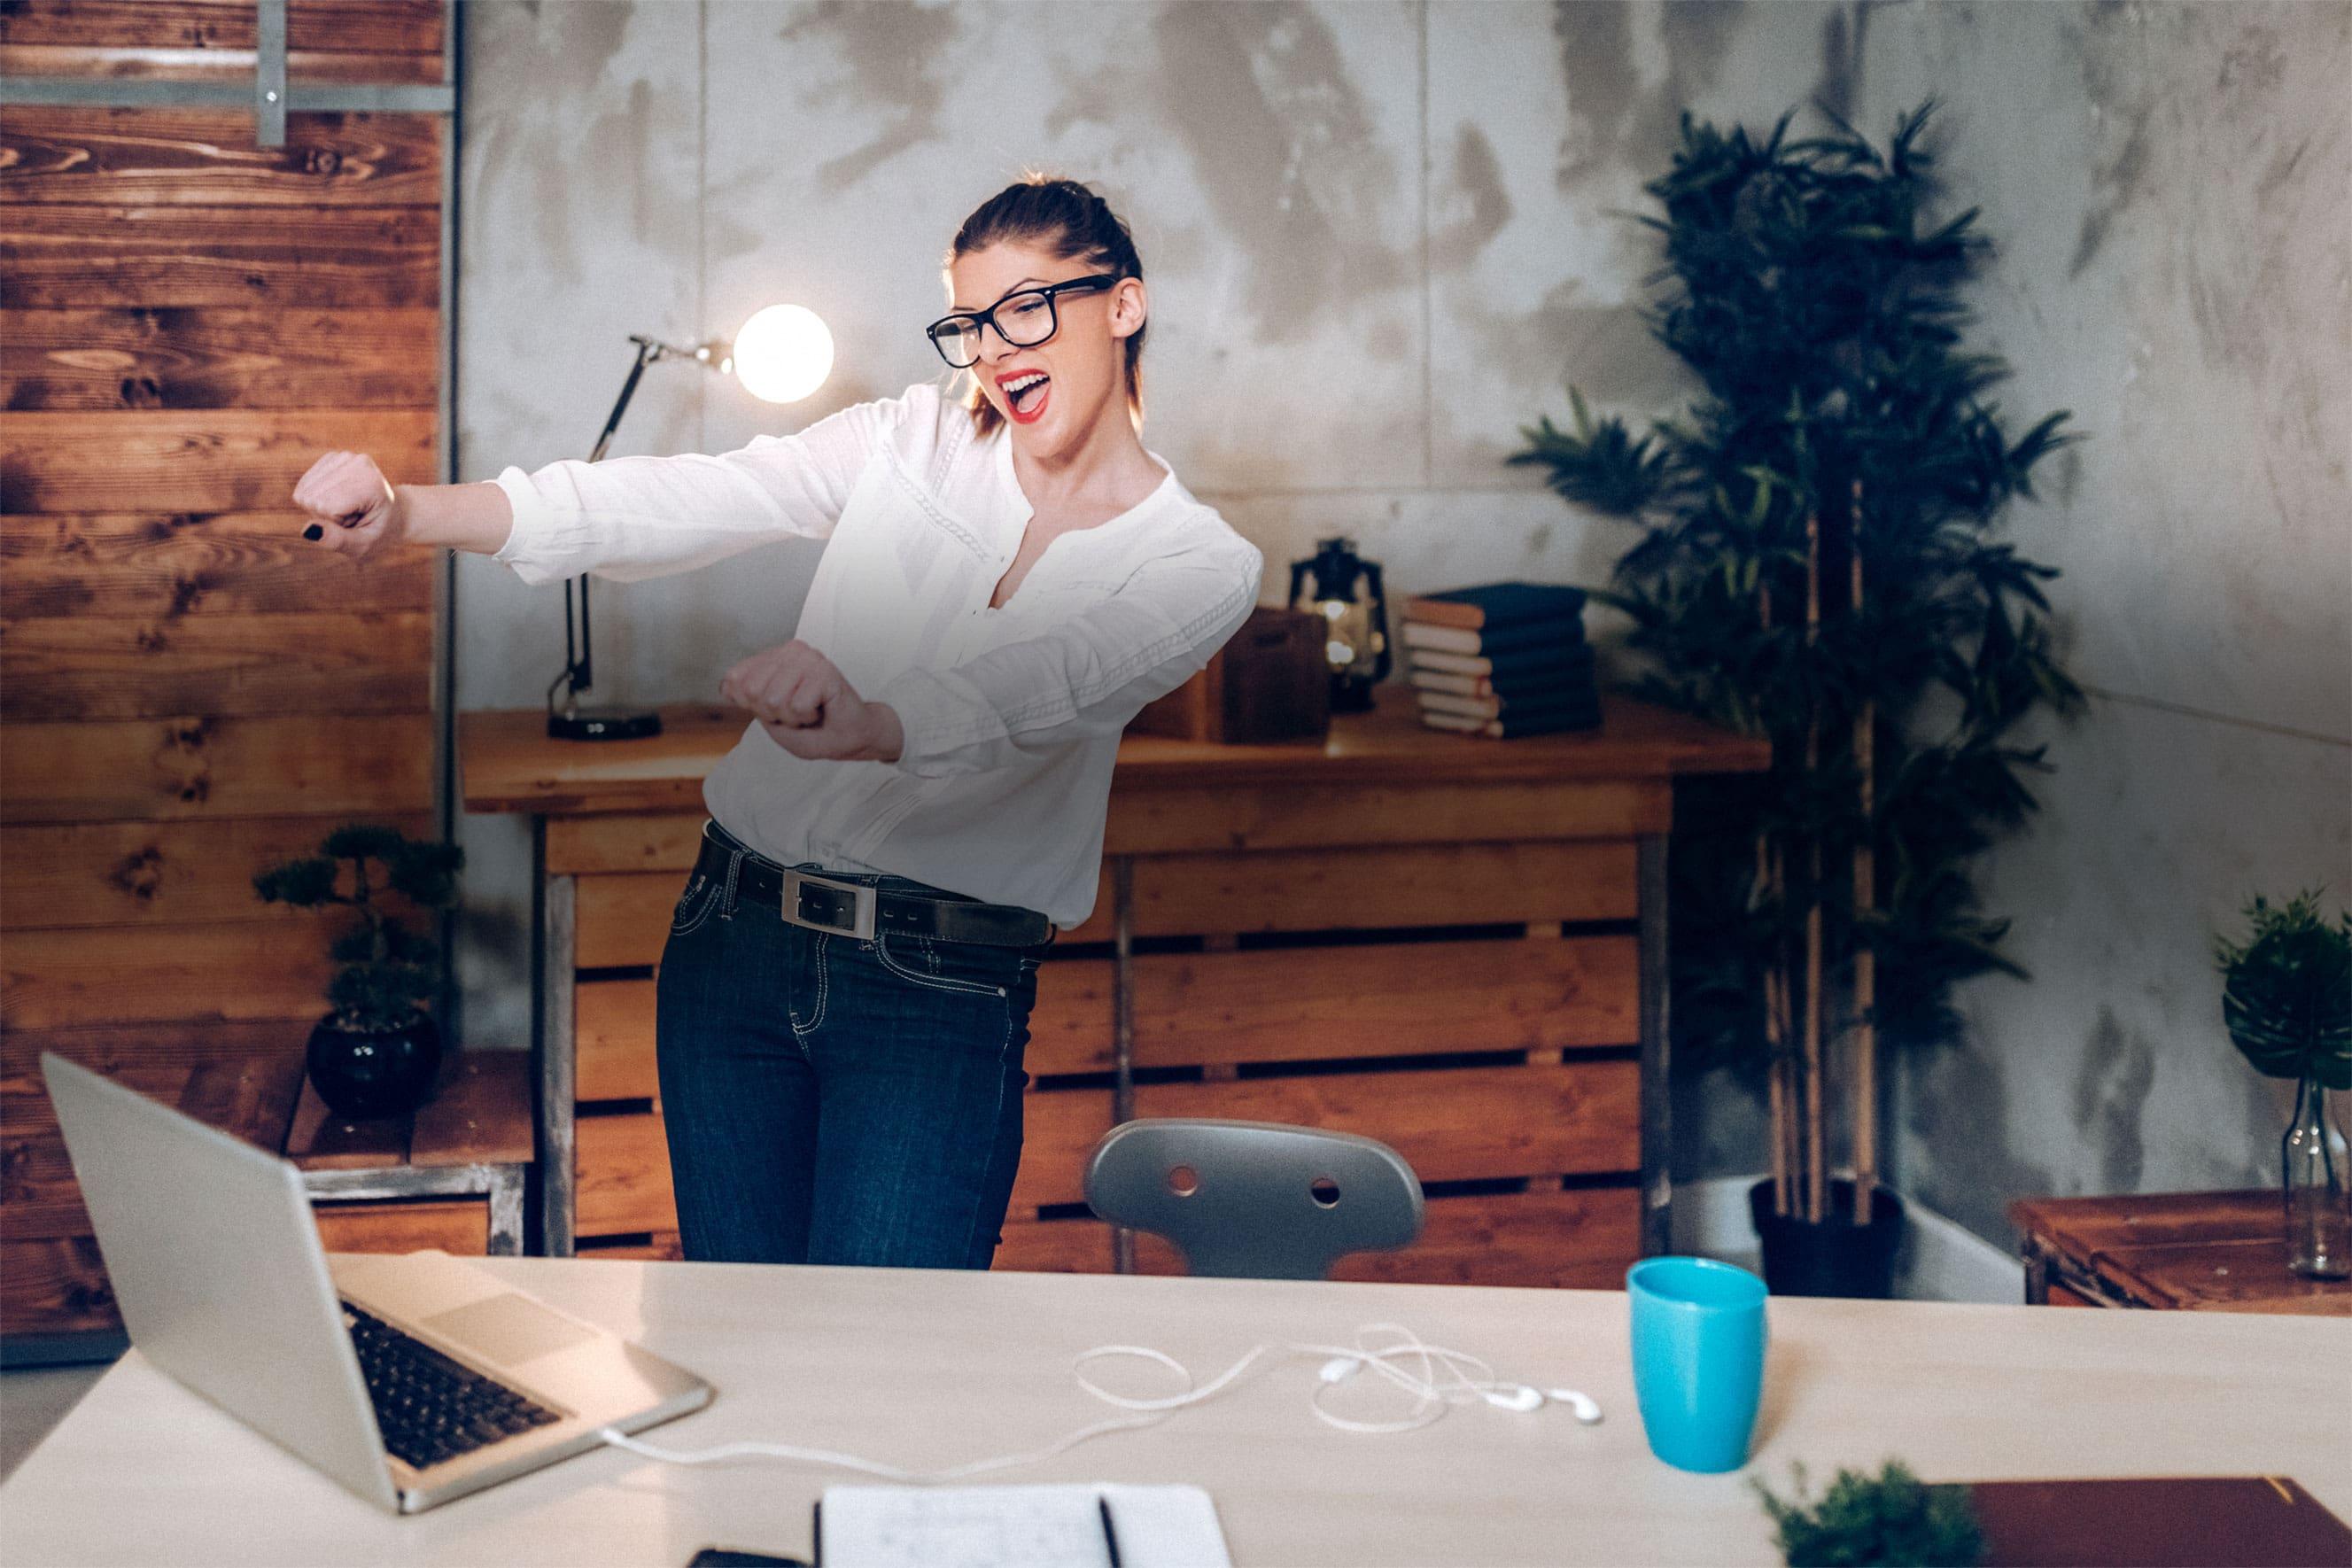 Beratung Digitalisierung: Marketing, Sales und Service zukunftsfähig machen